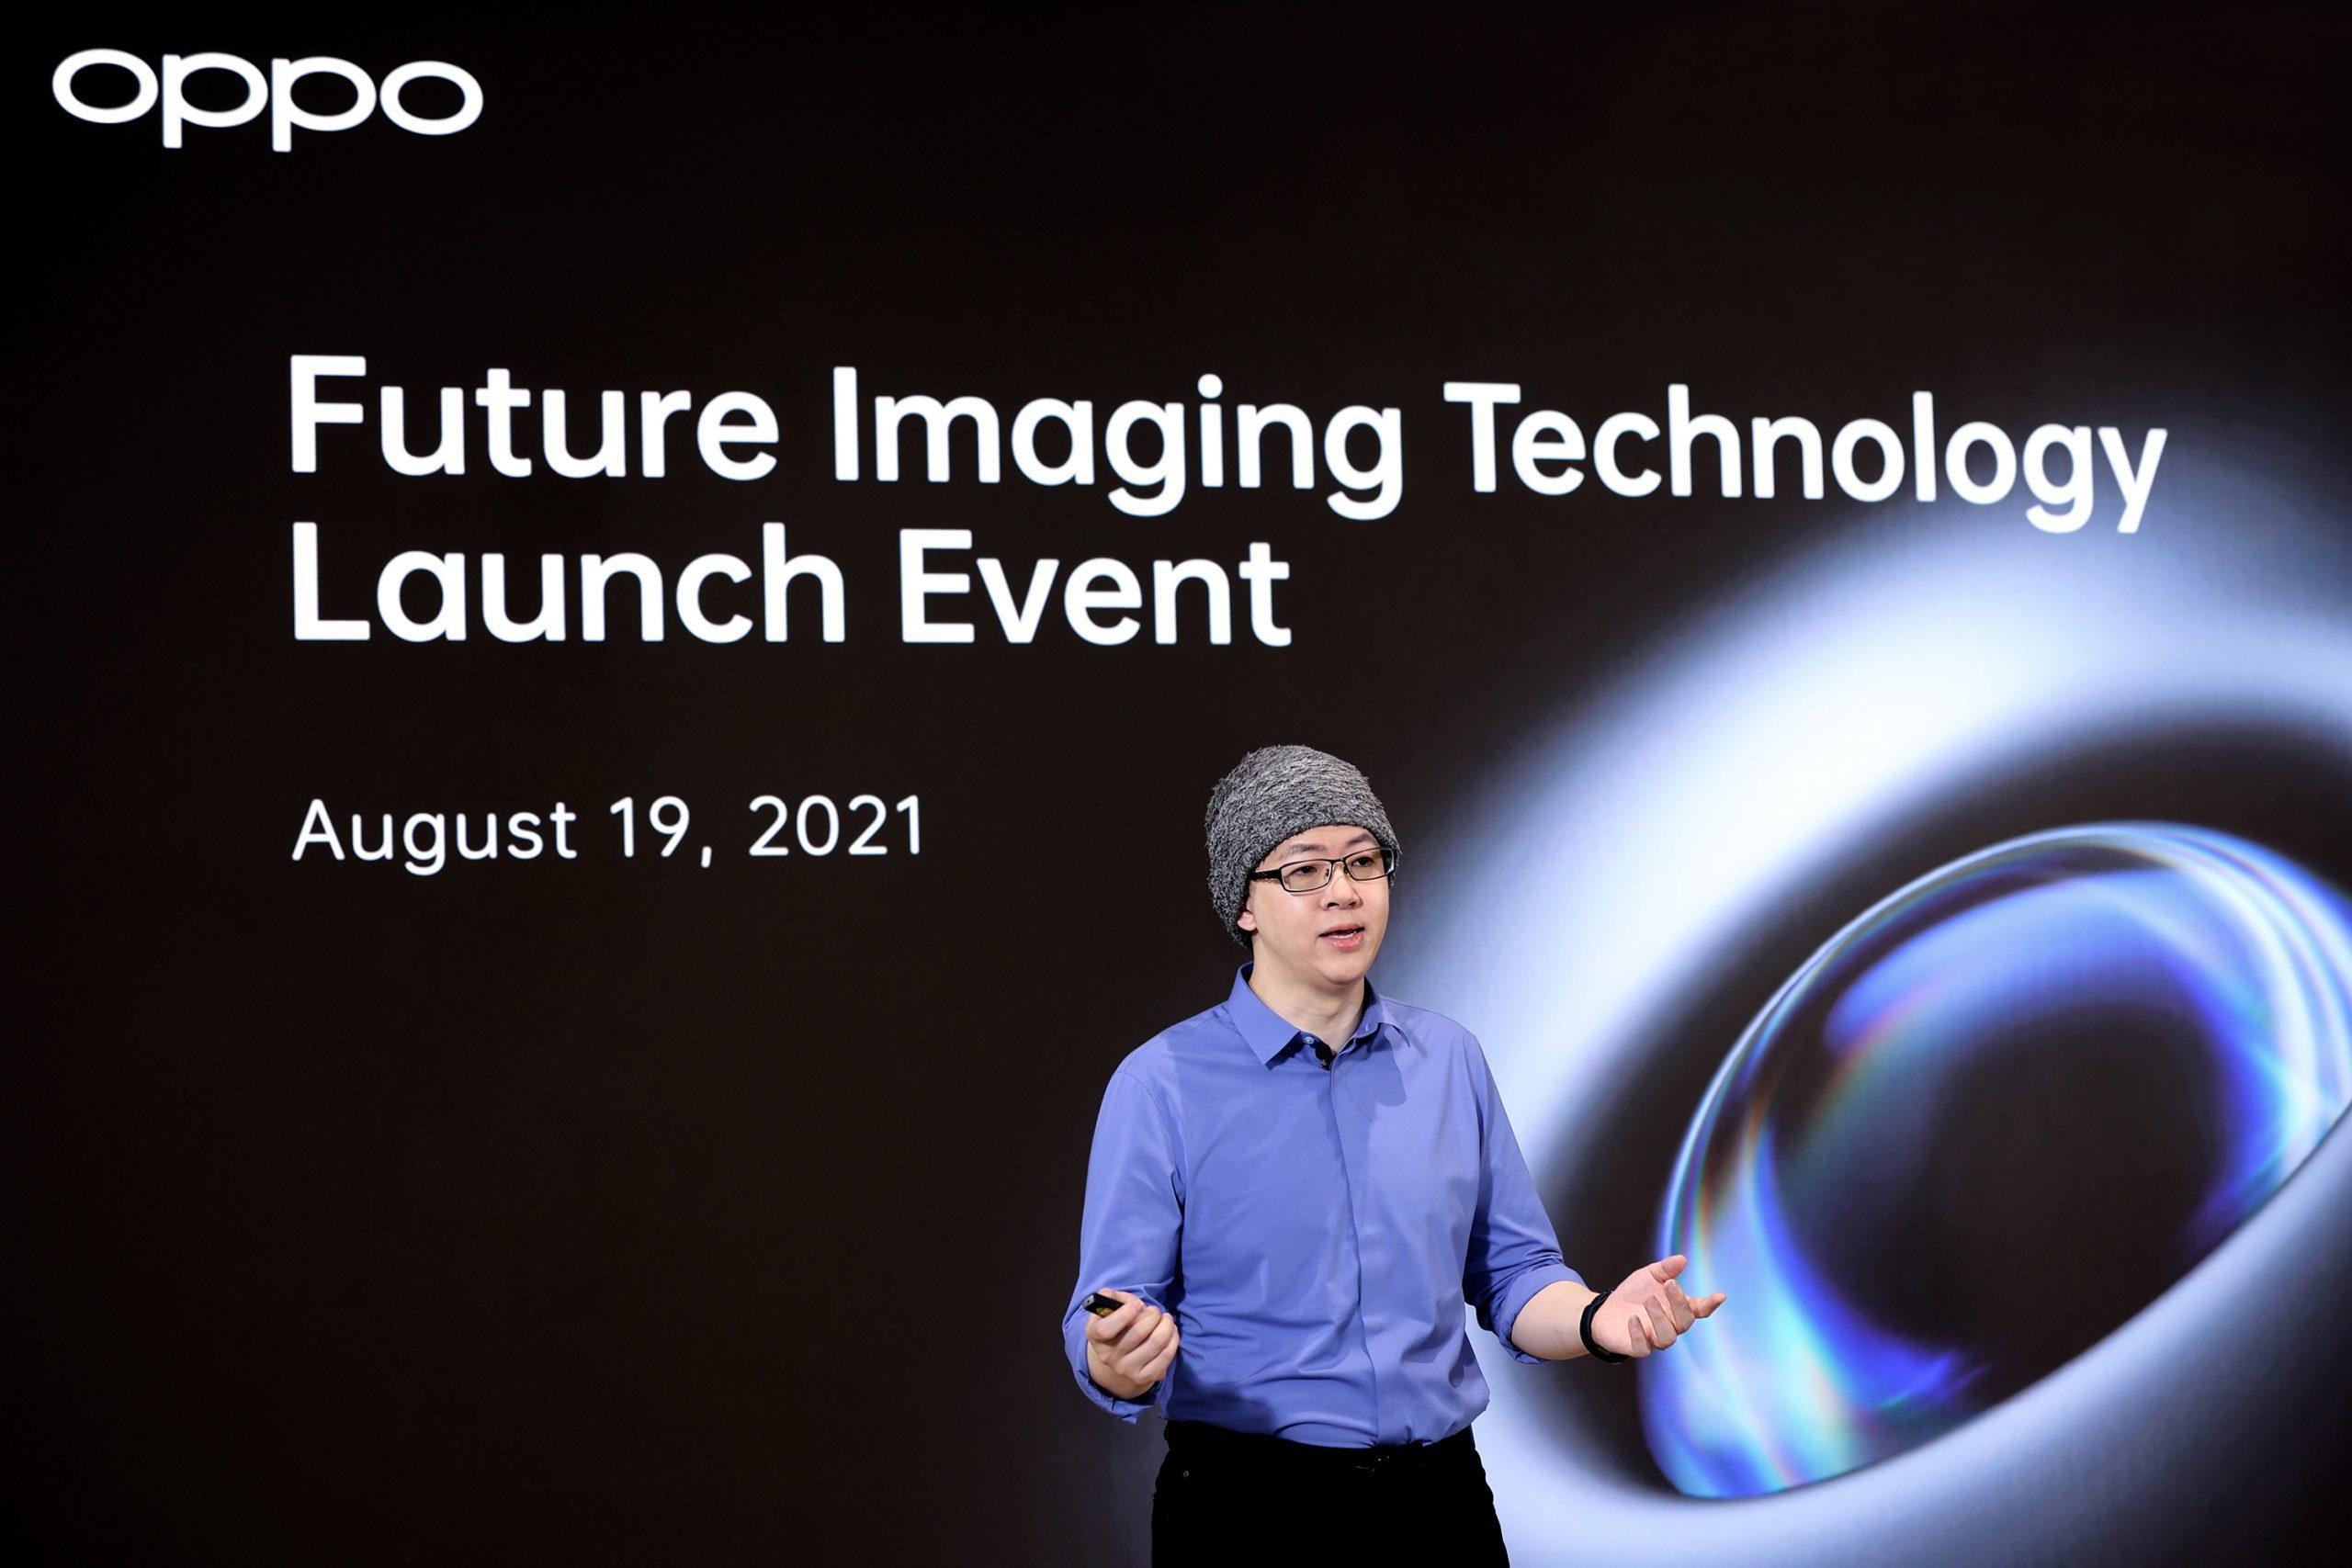 OPPO เปิดตัวหลากหลายนวัตกรรมเทคโนโลยีการถ่ายภาพ บุกเบิกอนาคตแห่งการถ่ายภาพผ่านบนสมาร์ทโฟน